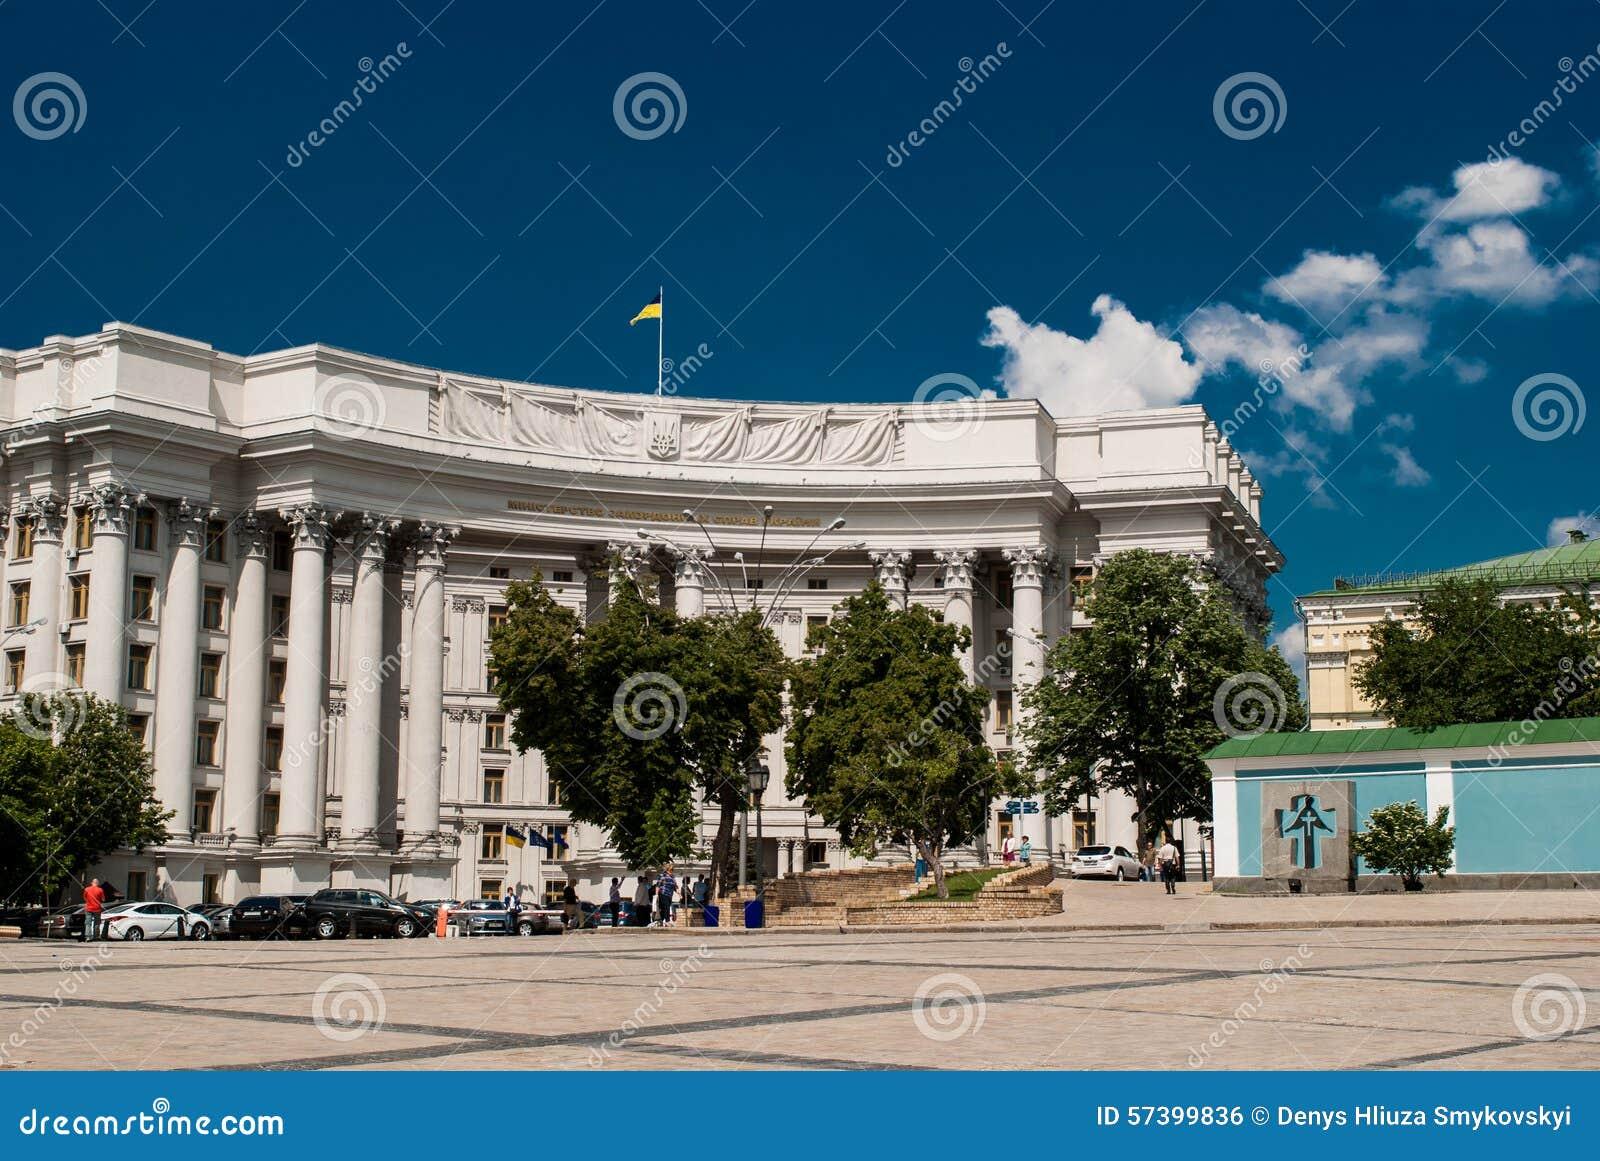 El ministerio de asuntos exteriores de ukraines foto for Oposiciones ministerio de exteriores